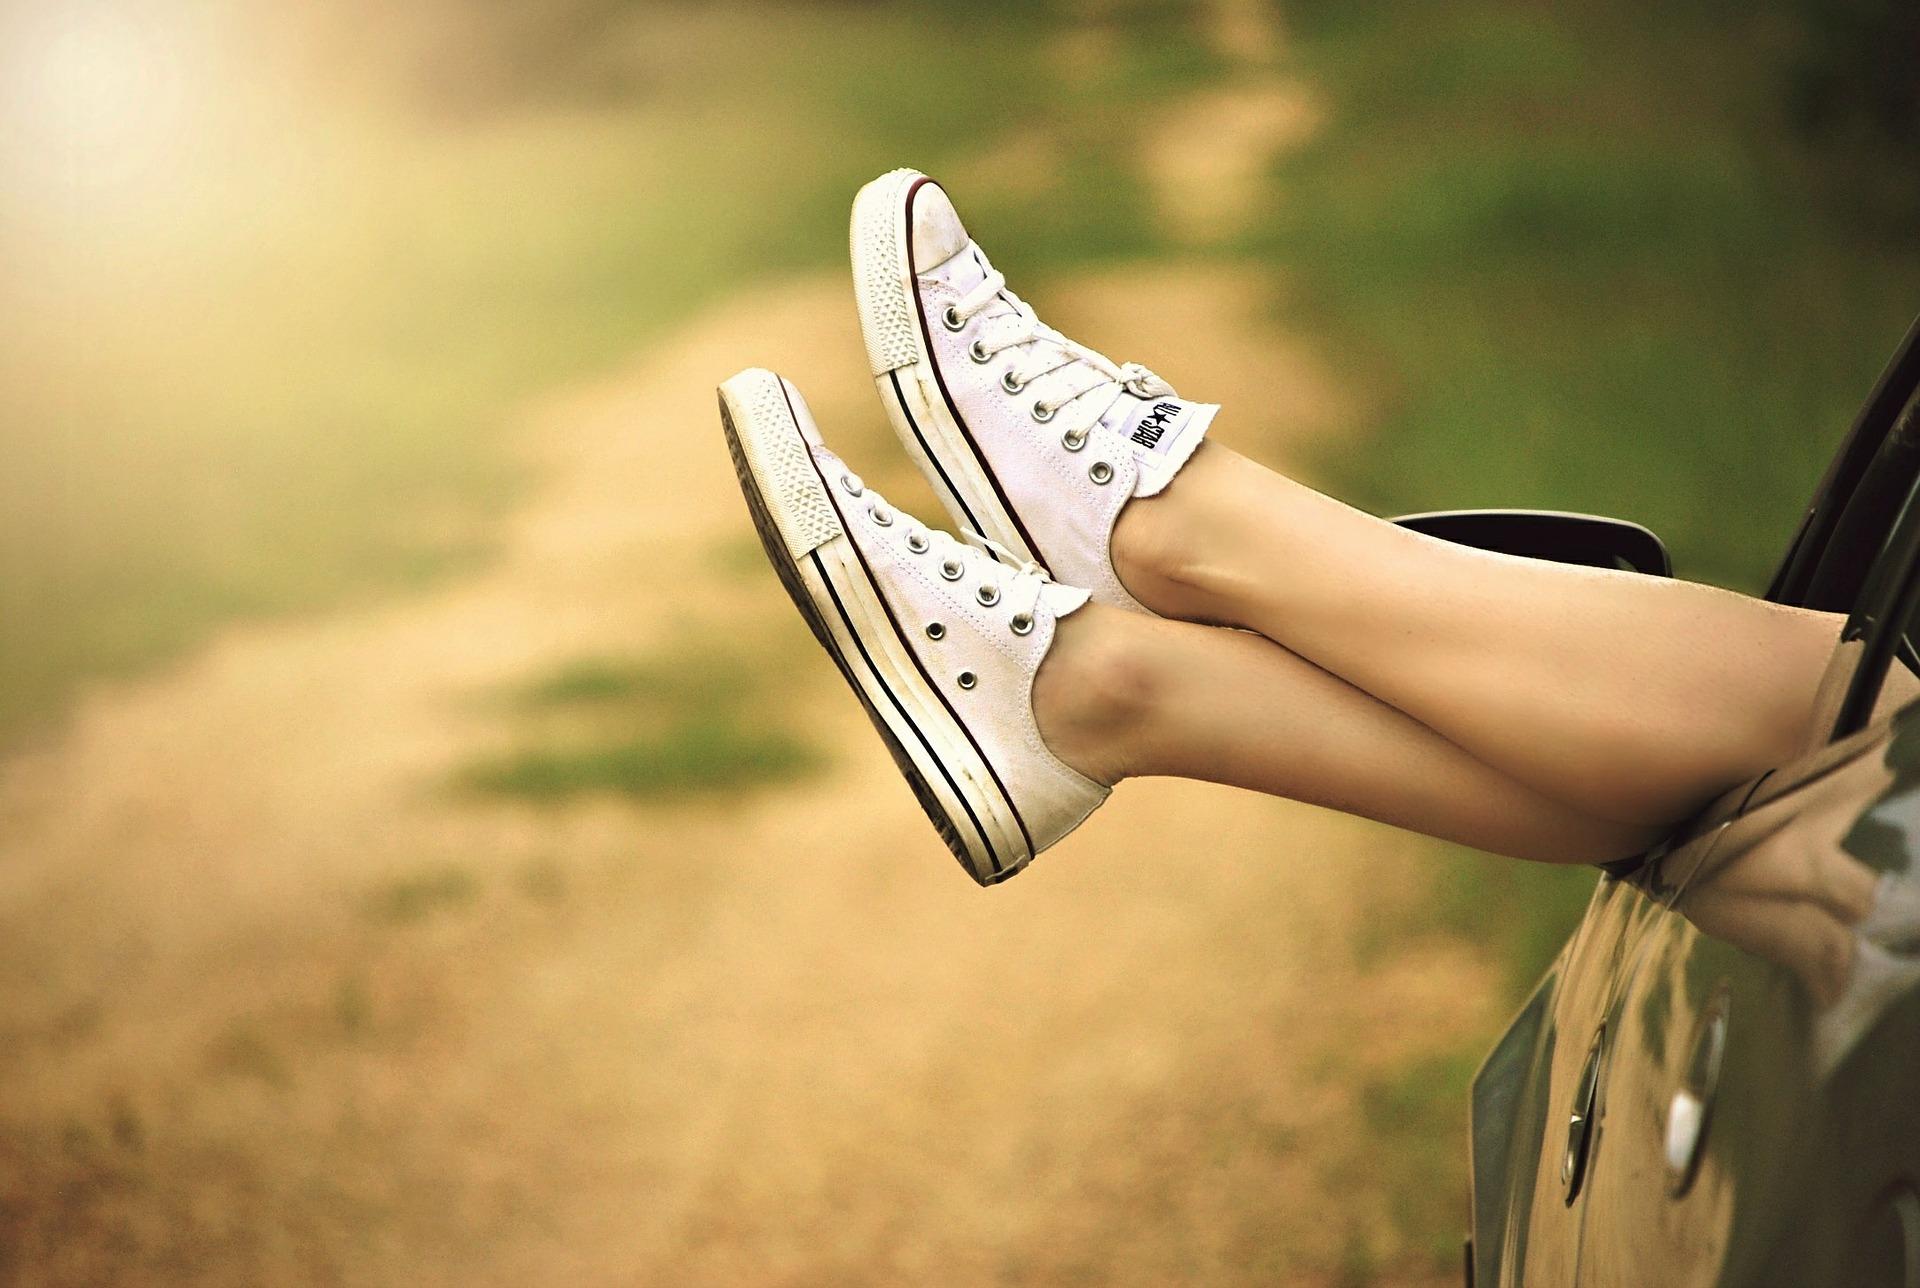 Füße aus der Autotür strecken - Coaching kann Entspannung in wichtigen Fragen bringen